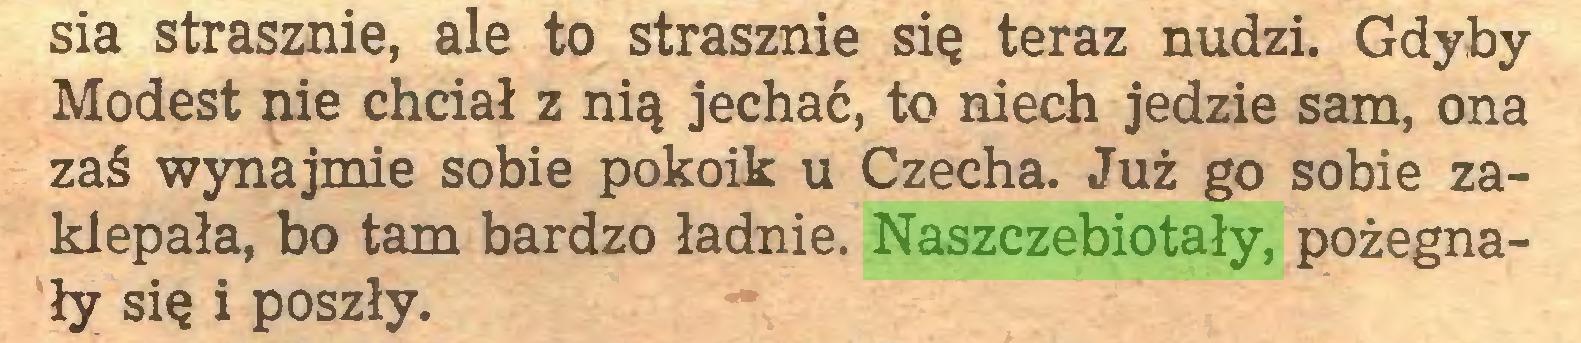 (...) sia strasznie, ale to strasznie się teraz nudzi. Gdyby Modest nie chciał z nią jechać, to niech jedzie sam, ona zaś wynajmie sobie pokoik u Czecha. Już go sobie zaklepała, bo tam bardzo ładnie. Naszczebiotały, pożegnały się i poszły...